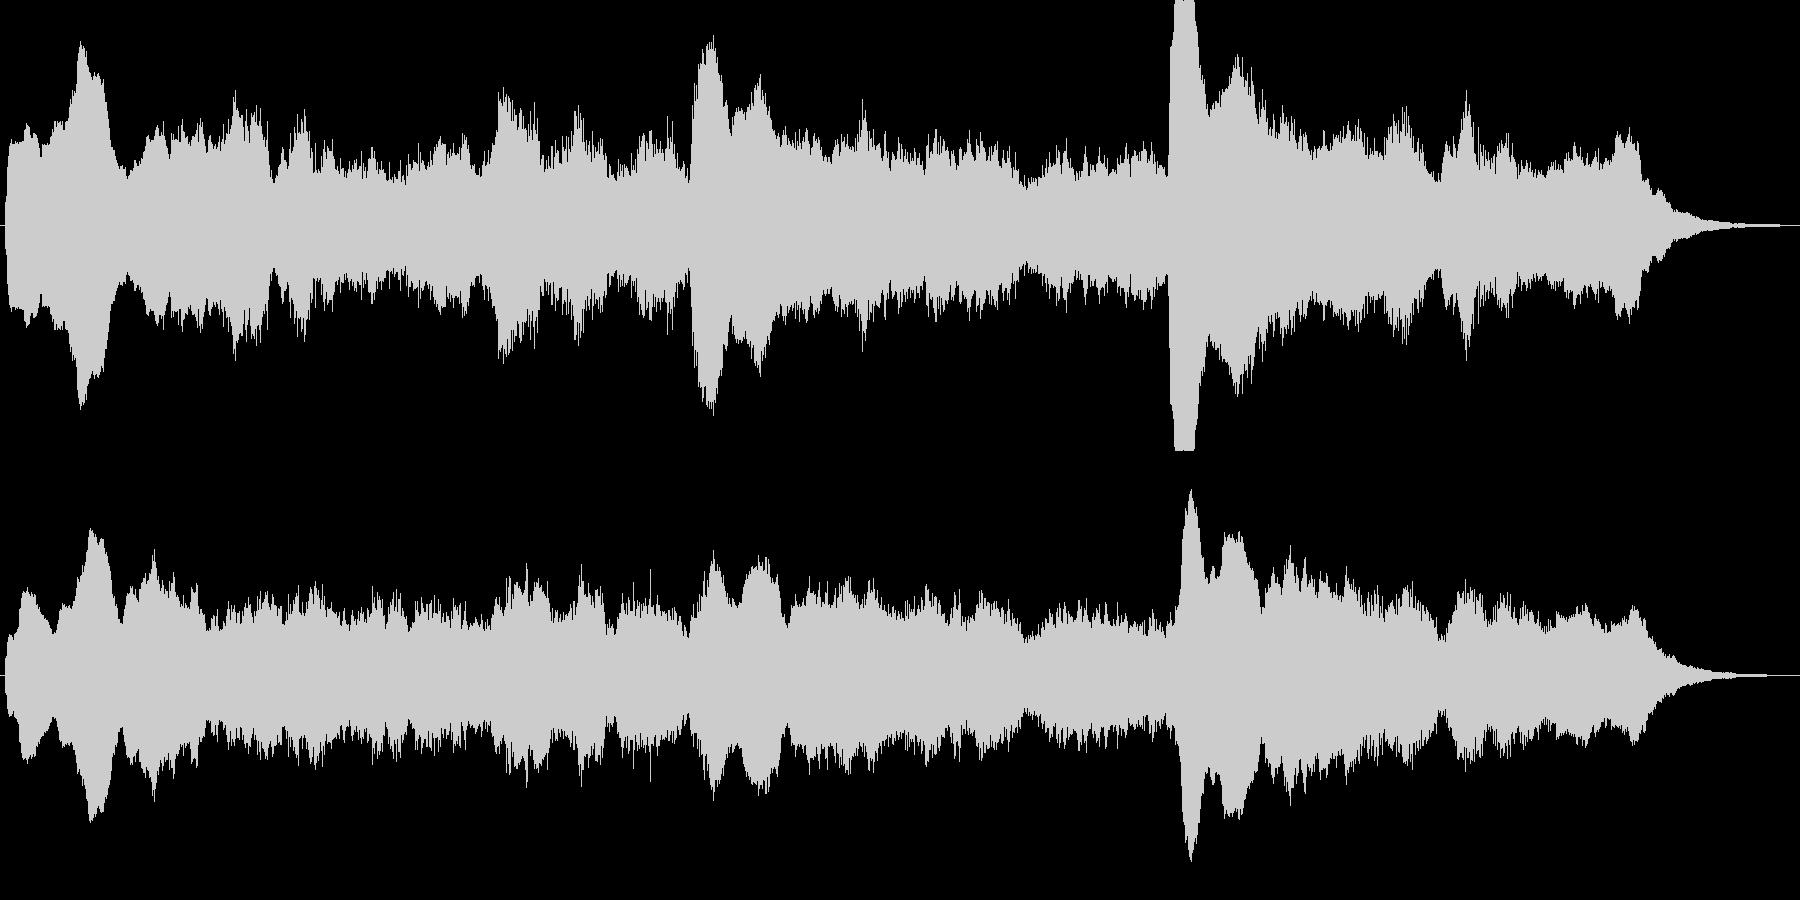 シンセによるダークで不思議なジングルの未再生の波形